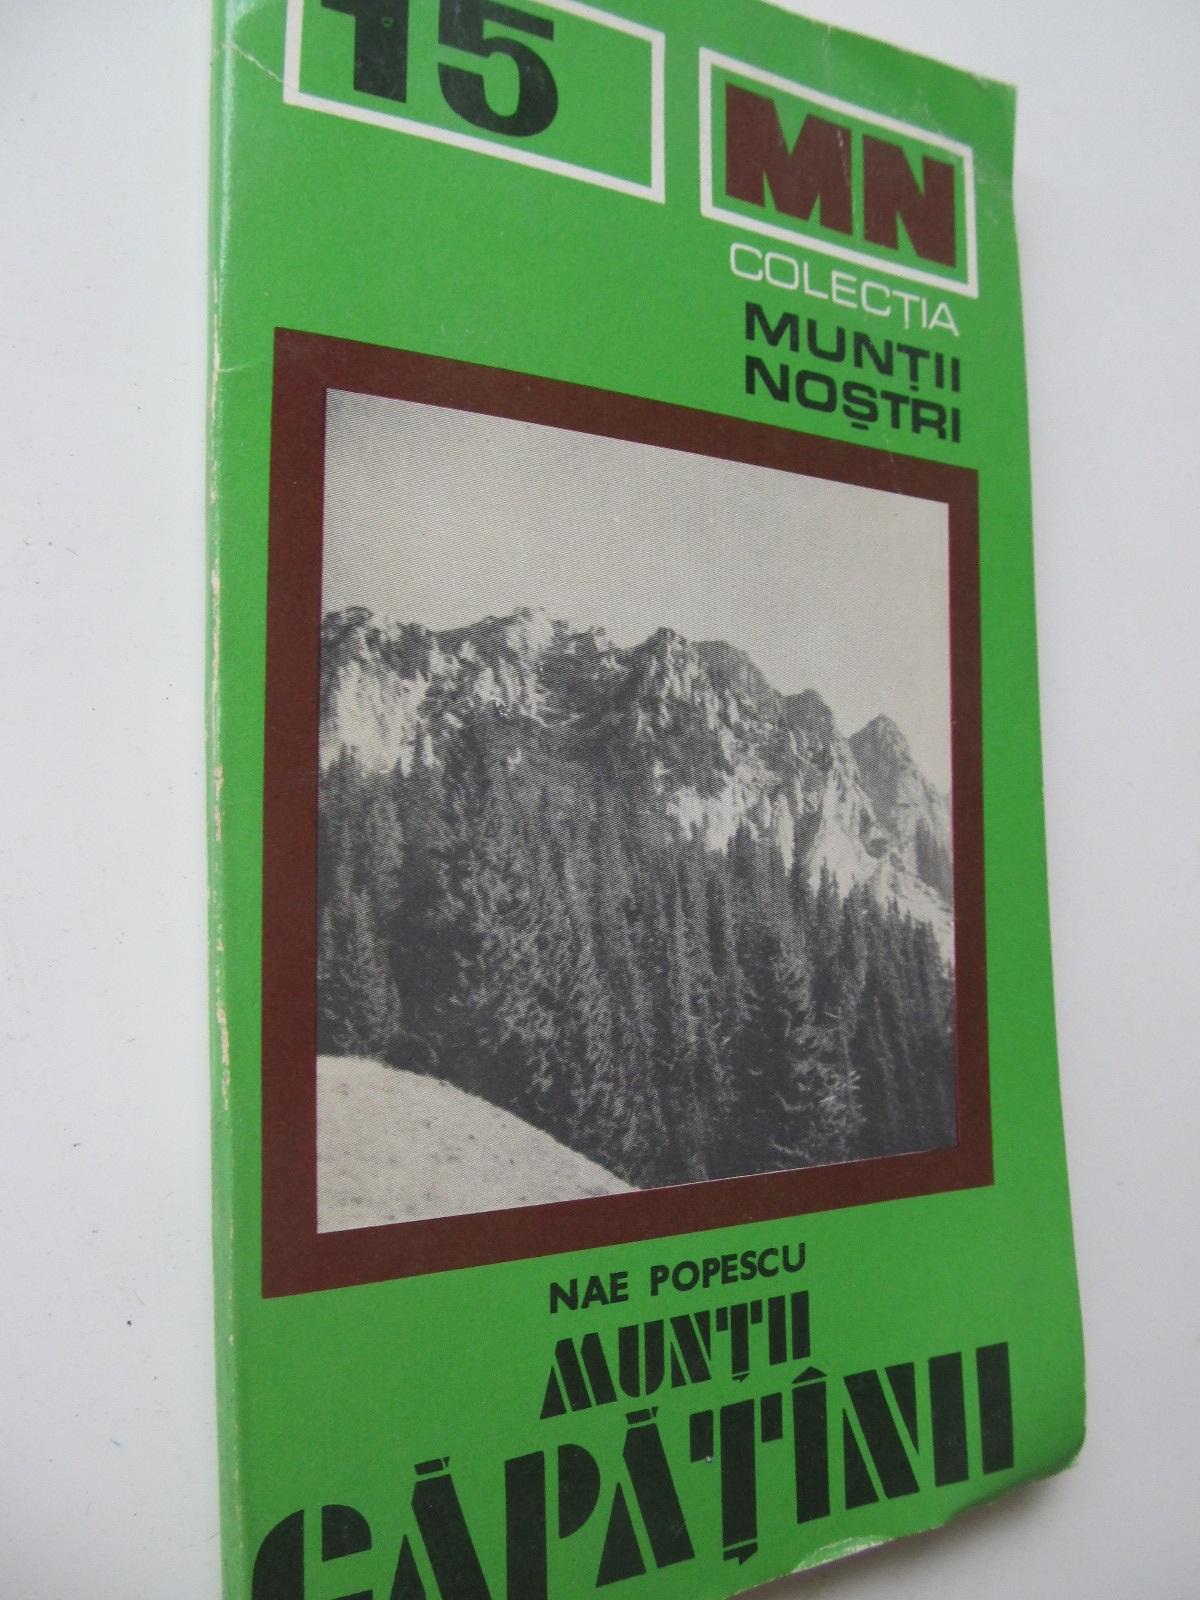 Muntii Capatanii (15) - cu harta - Nae Popescu | Detalii carte